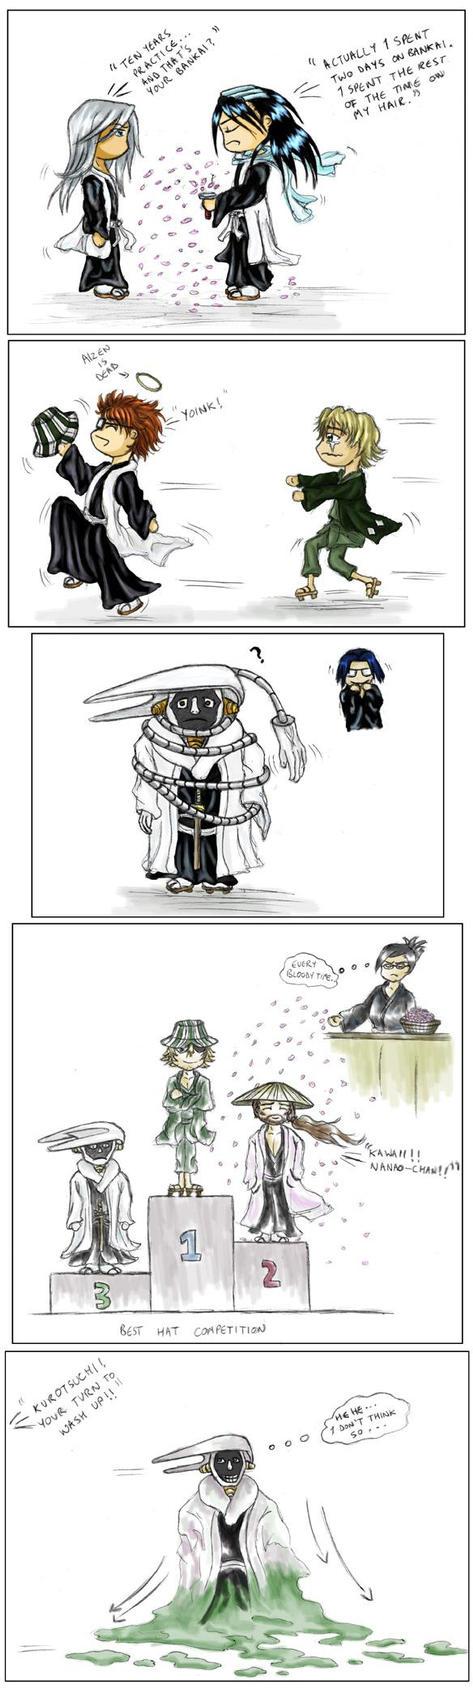 Images délirantes. - Page 2 Bleach_Comics___gemesis_by_bleach_party